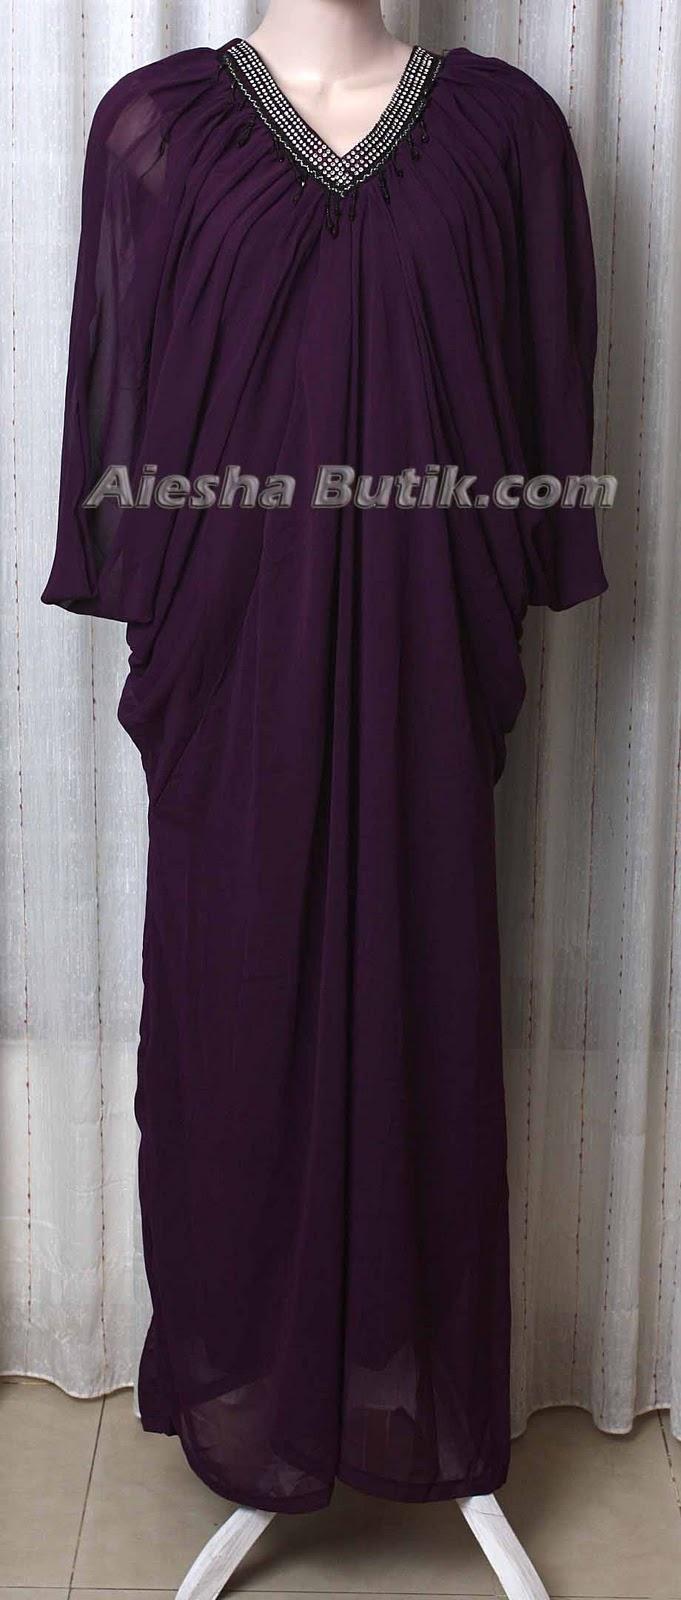 Century Trend Clothes Gamis Syahrini